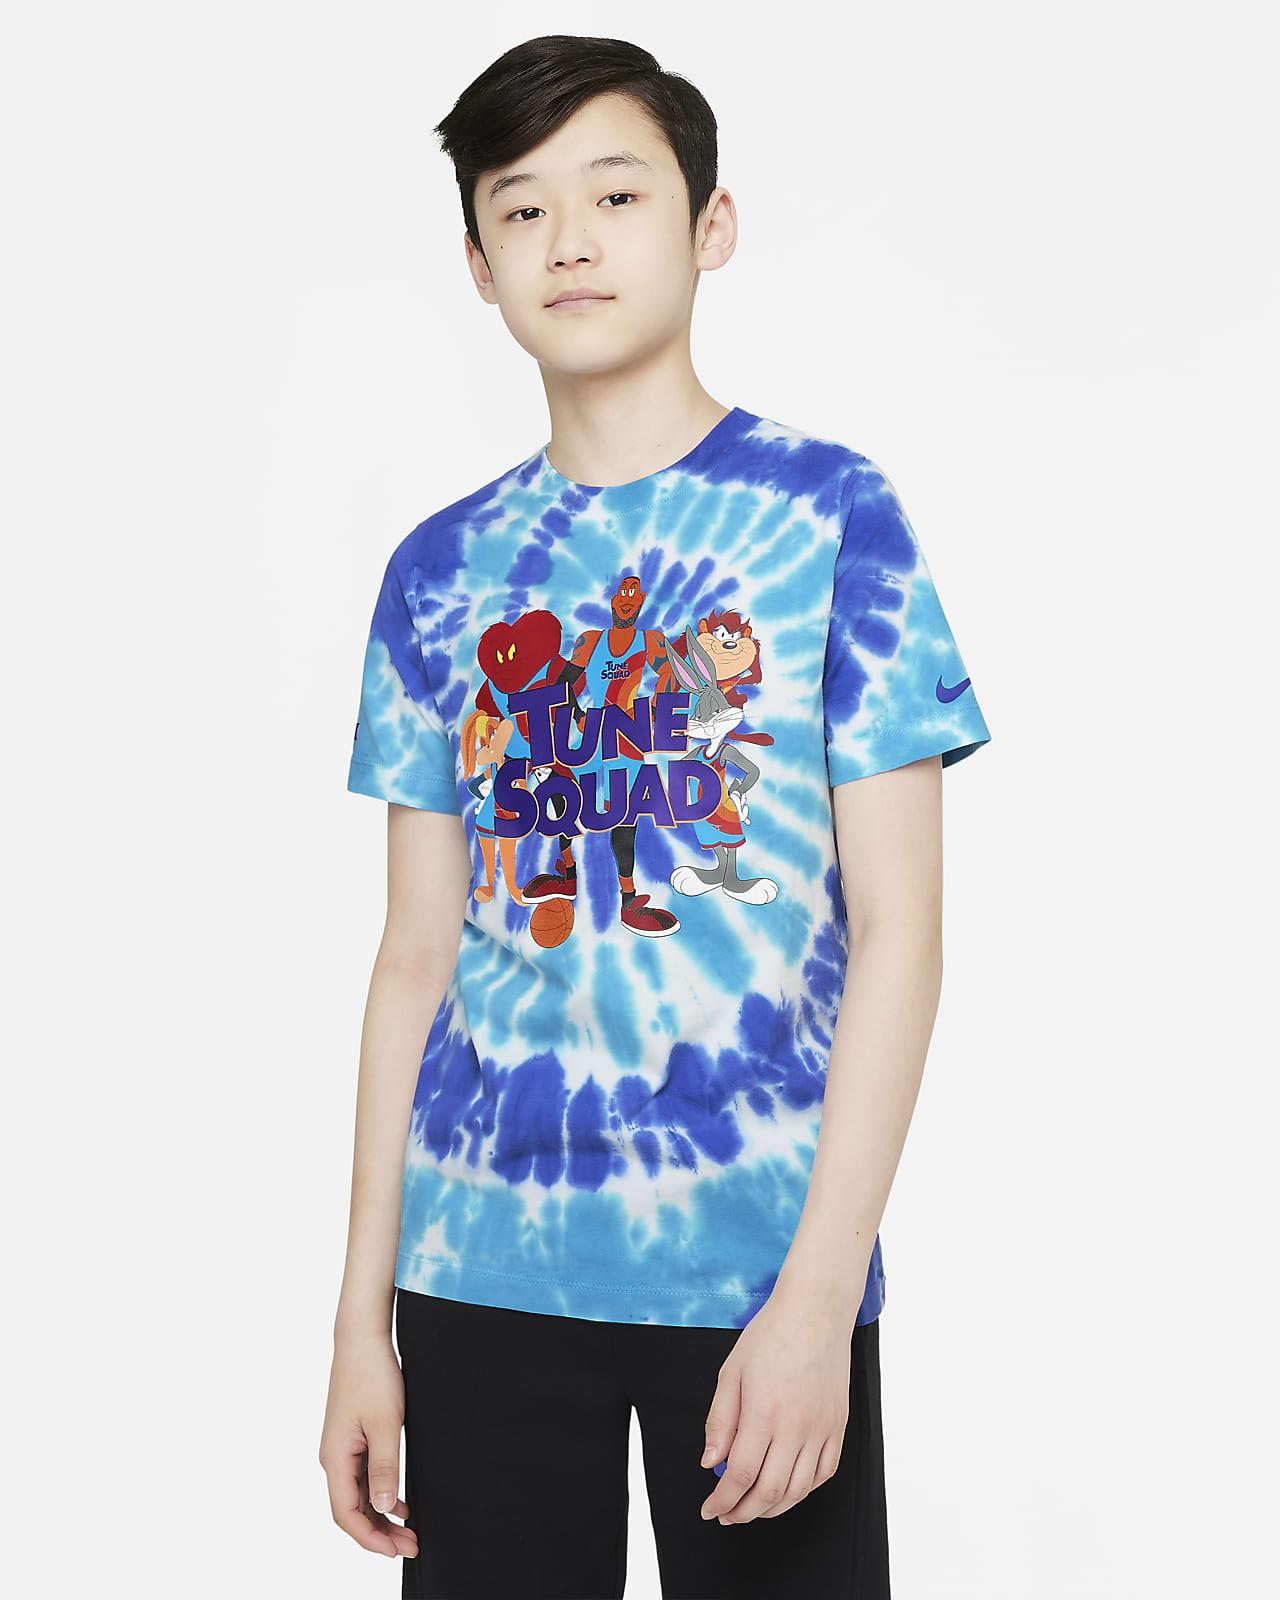 レブロン x スペース・プレイヤーズ ジュニア Tシャツ